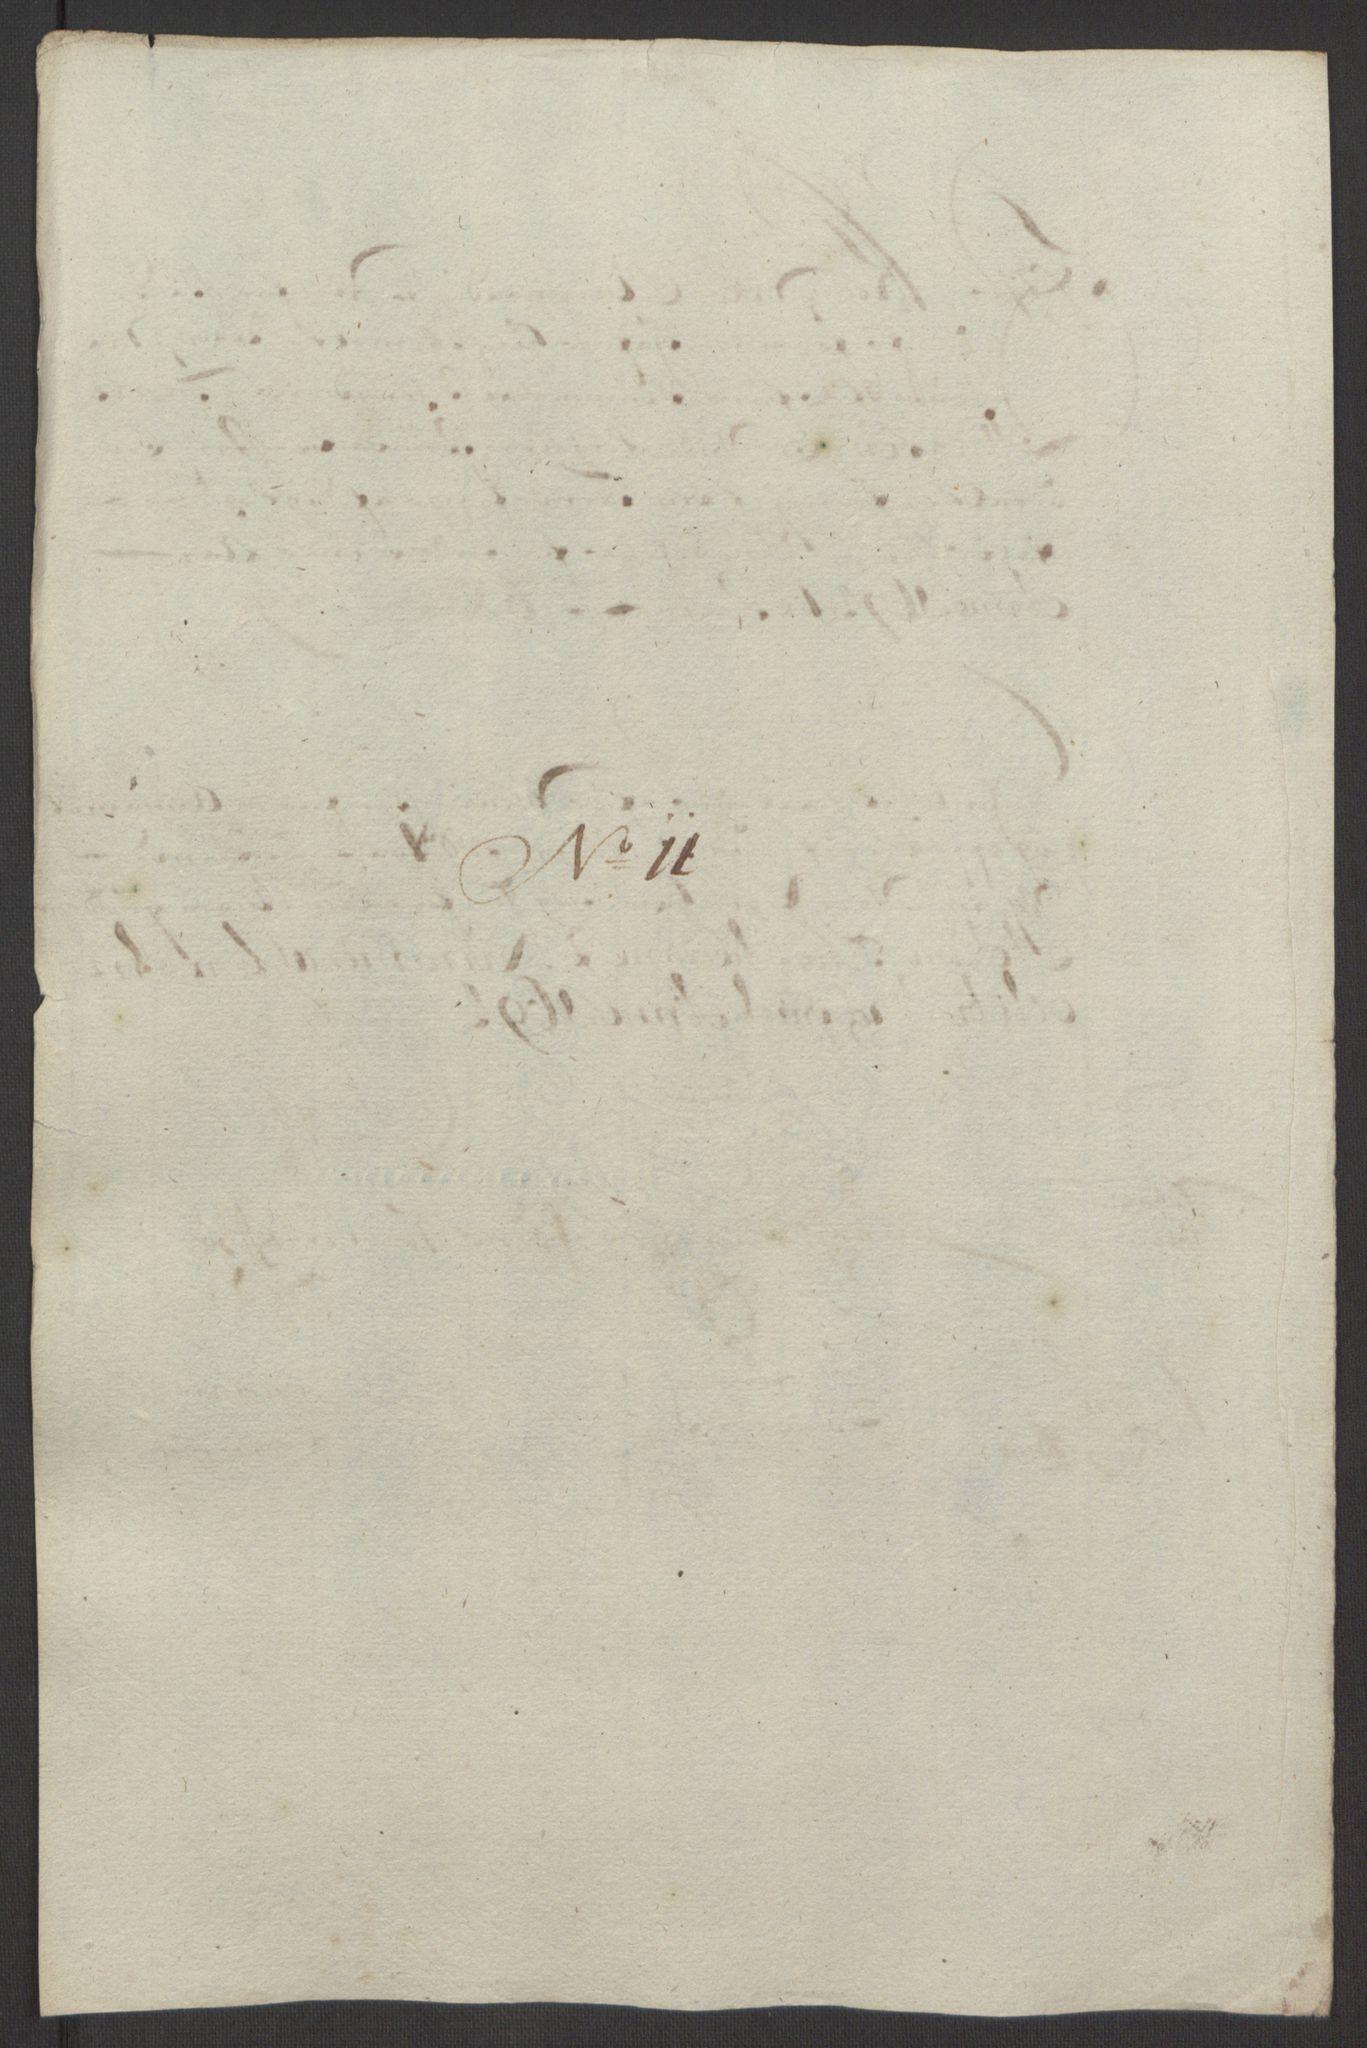 RA, Rentekammeret inntil 1814, Reviderte regnskaper, Fogderegnskap, R64/L4424: Fogderegnskap Namdal, 1692-1695, s. 418